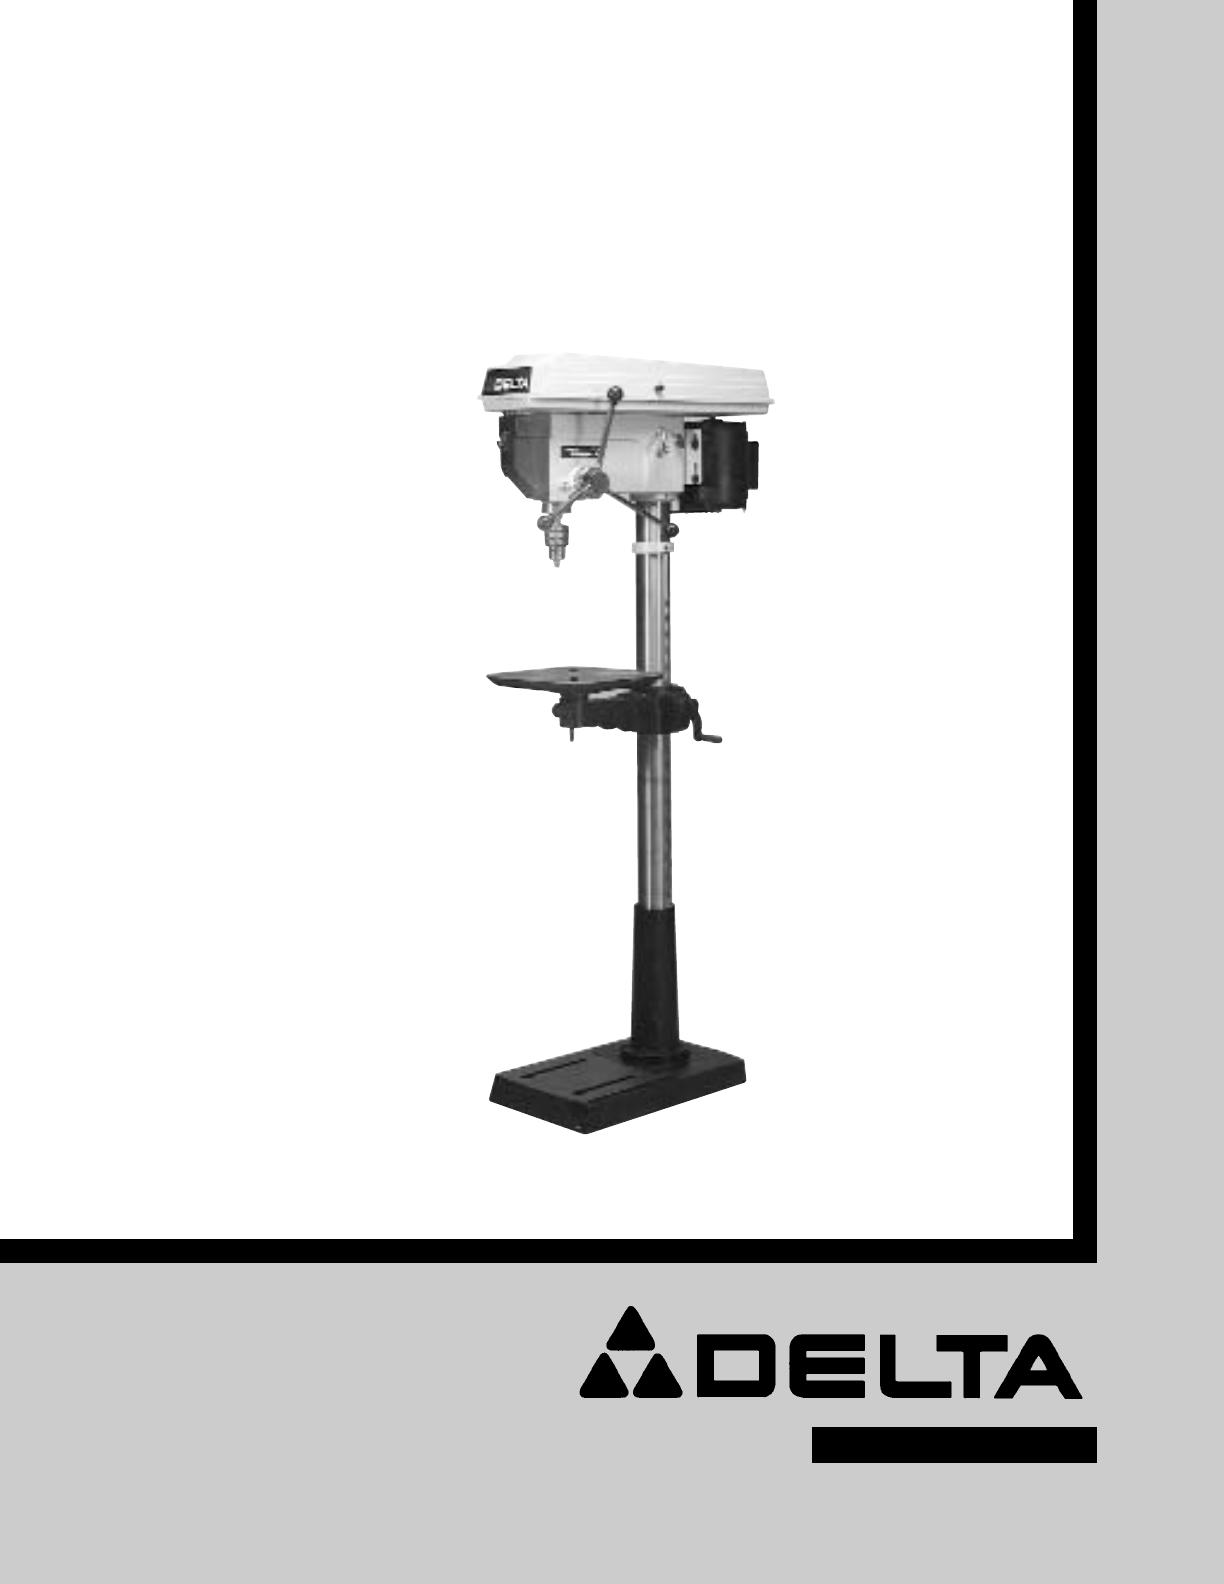 delta drill 17 900 user guide manualsonline com rh powertool manualsonline com delta 16.5 drill press manual delta drill press 14-070 manual